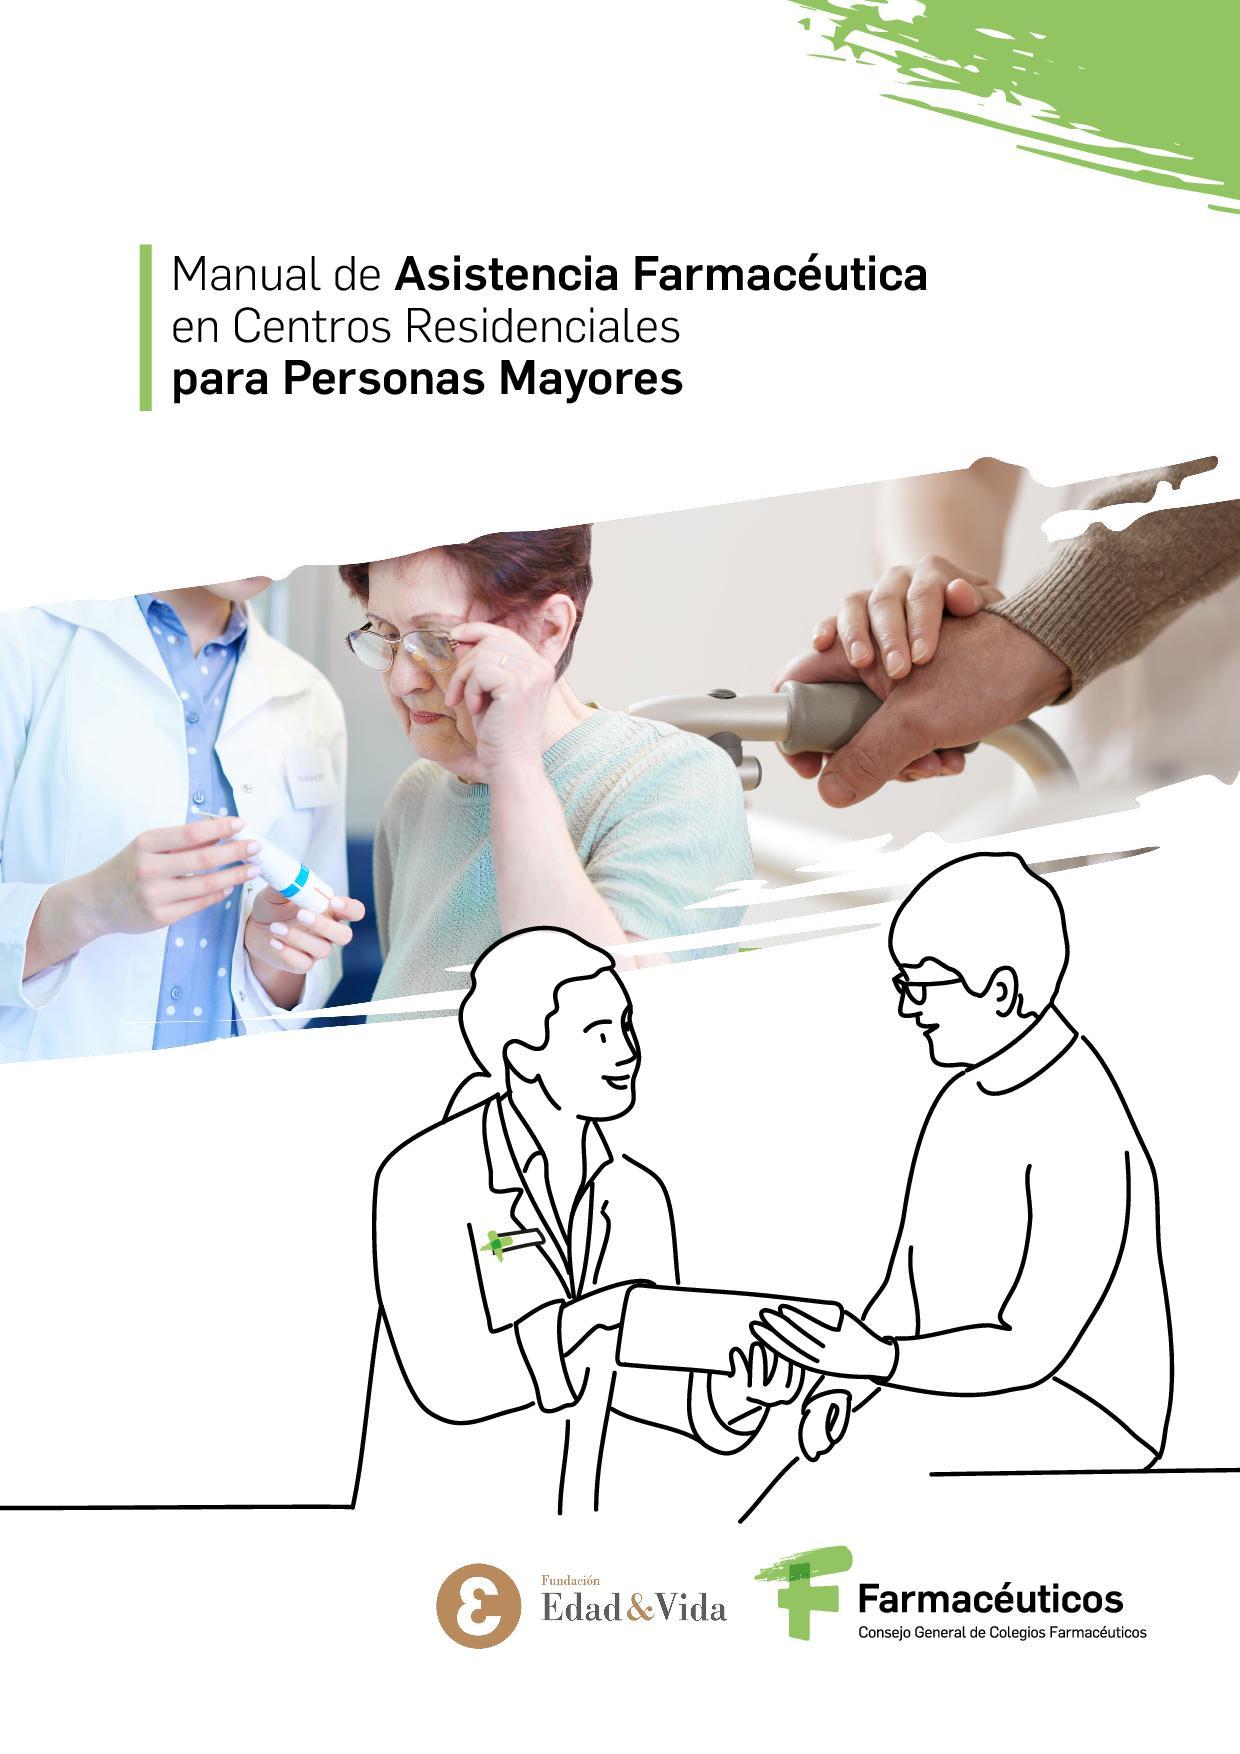 Manual de Asistencia Farmacéutica en Centros Residenciales para Personas Mayores